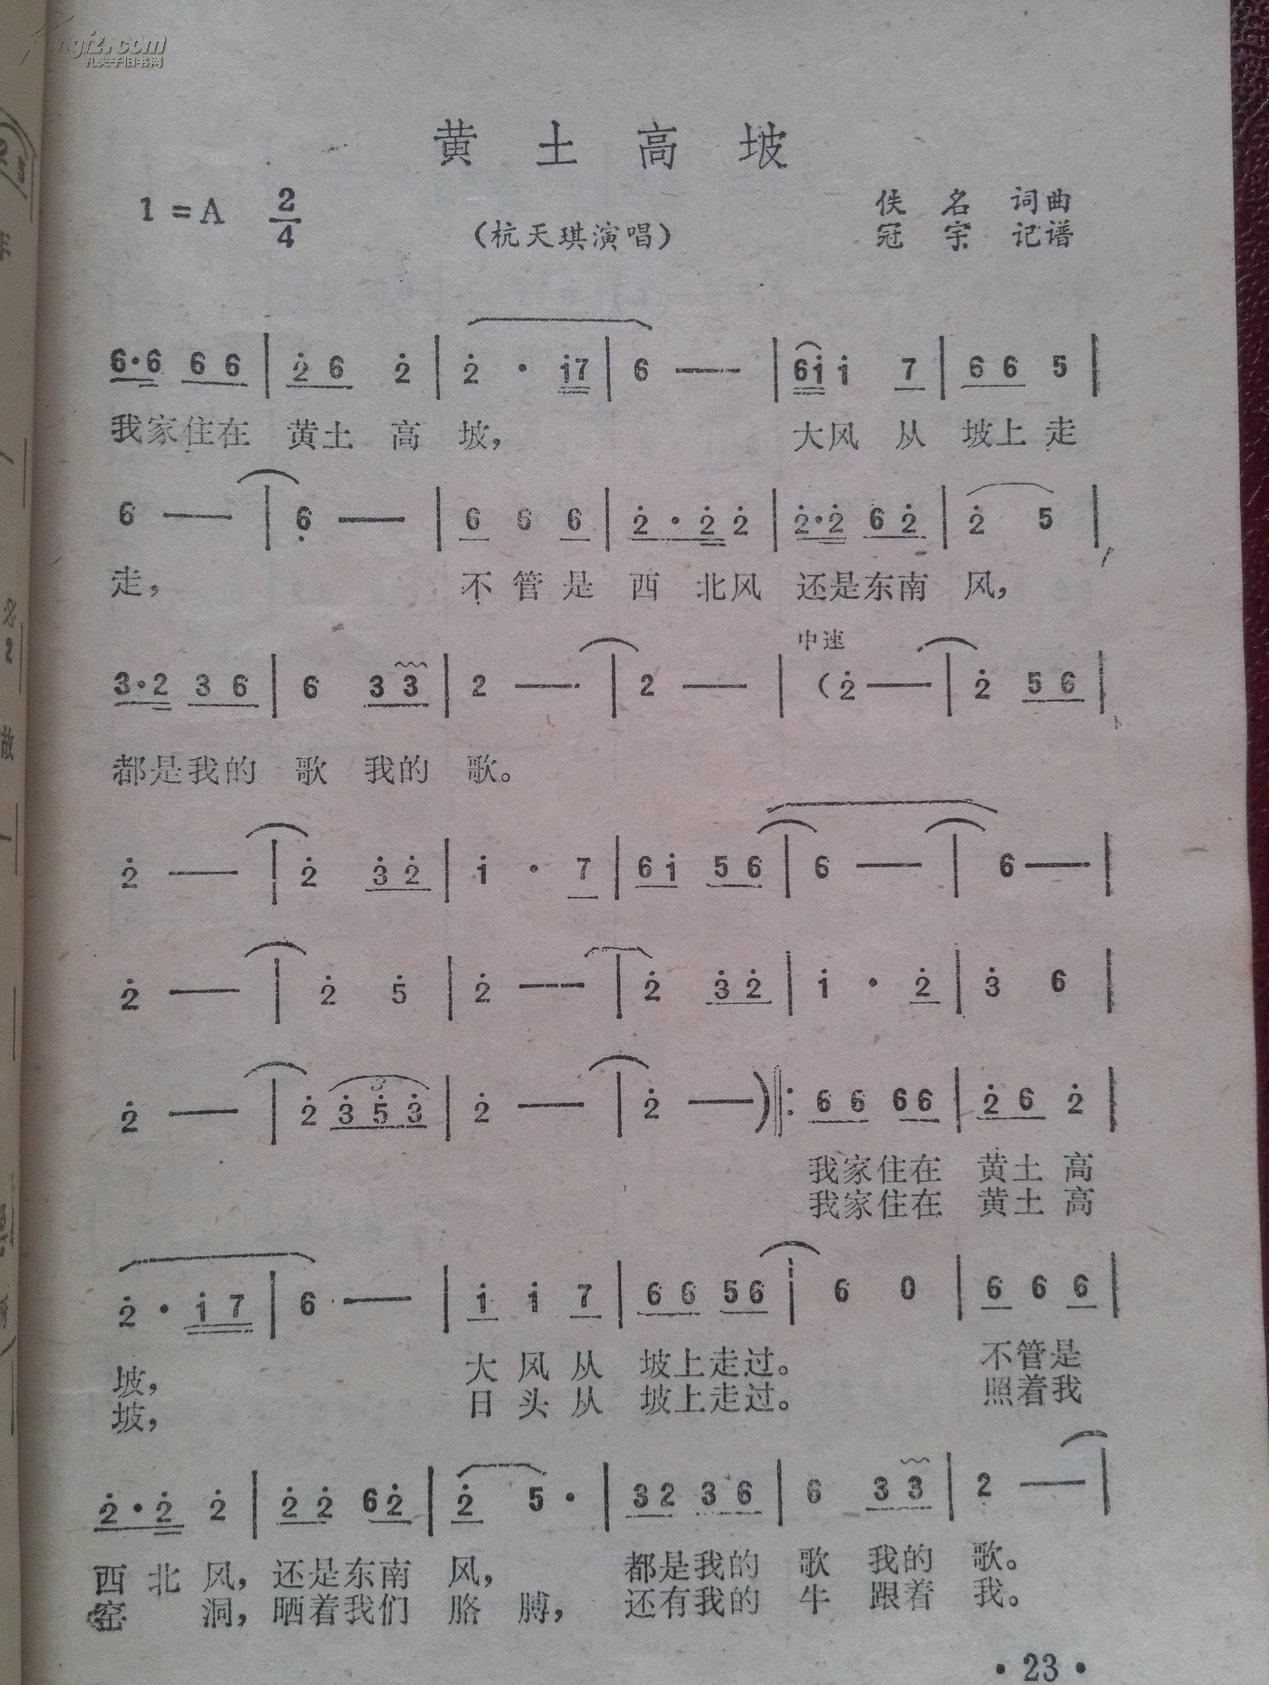 韩宝仪冬恋简谱